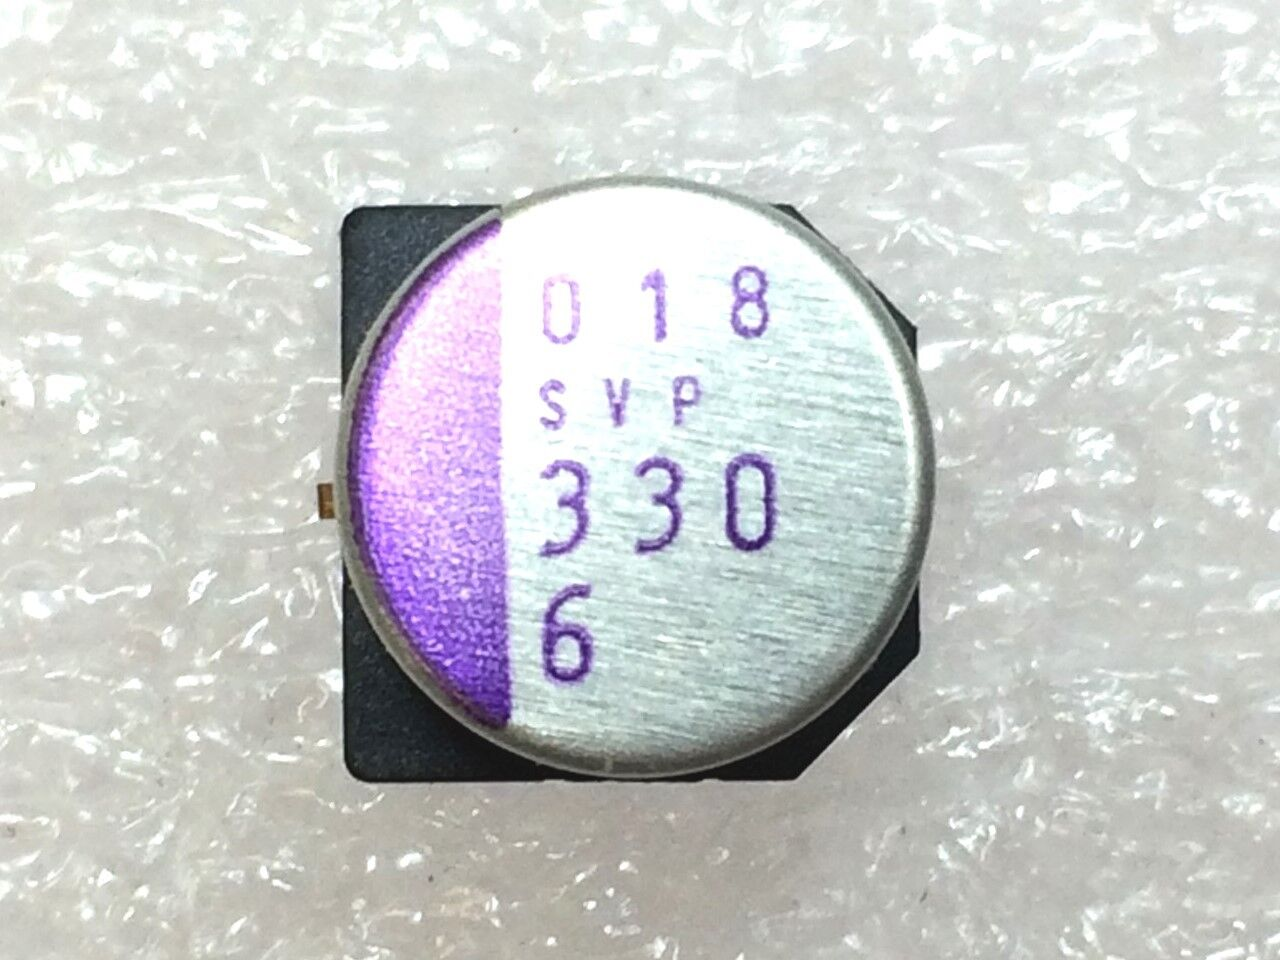 6SVP330M CAP ALUM POLY 330UF 20% 6.3V SMD ROHS 4 PIECES